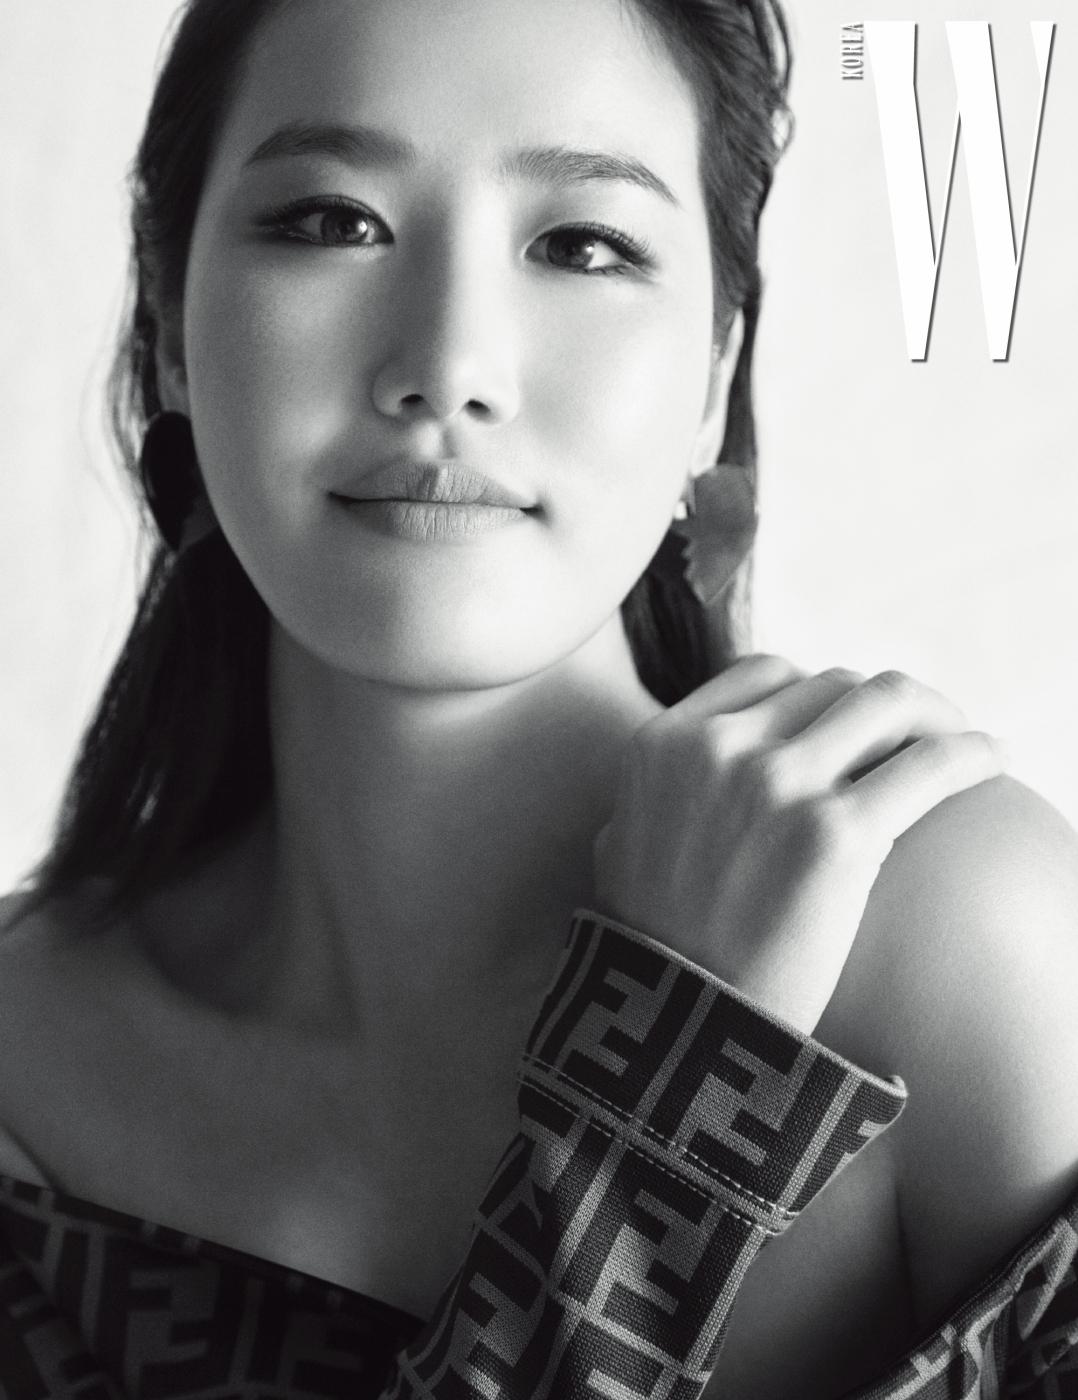 로고 드레스는 펜디, 하트 모양의 귀고리는 에이치앤엠 제품.